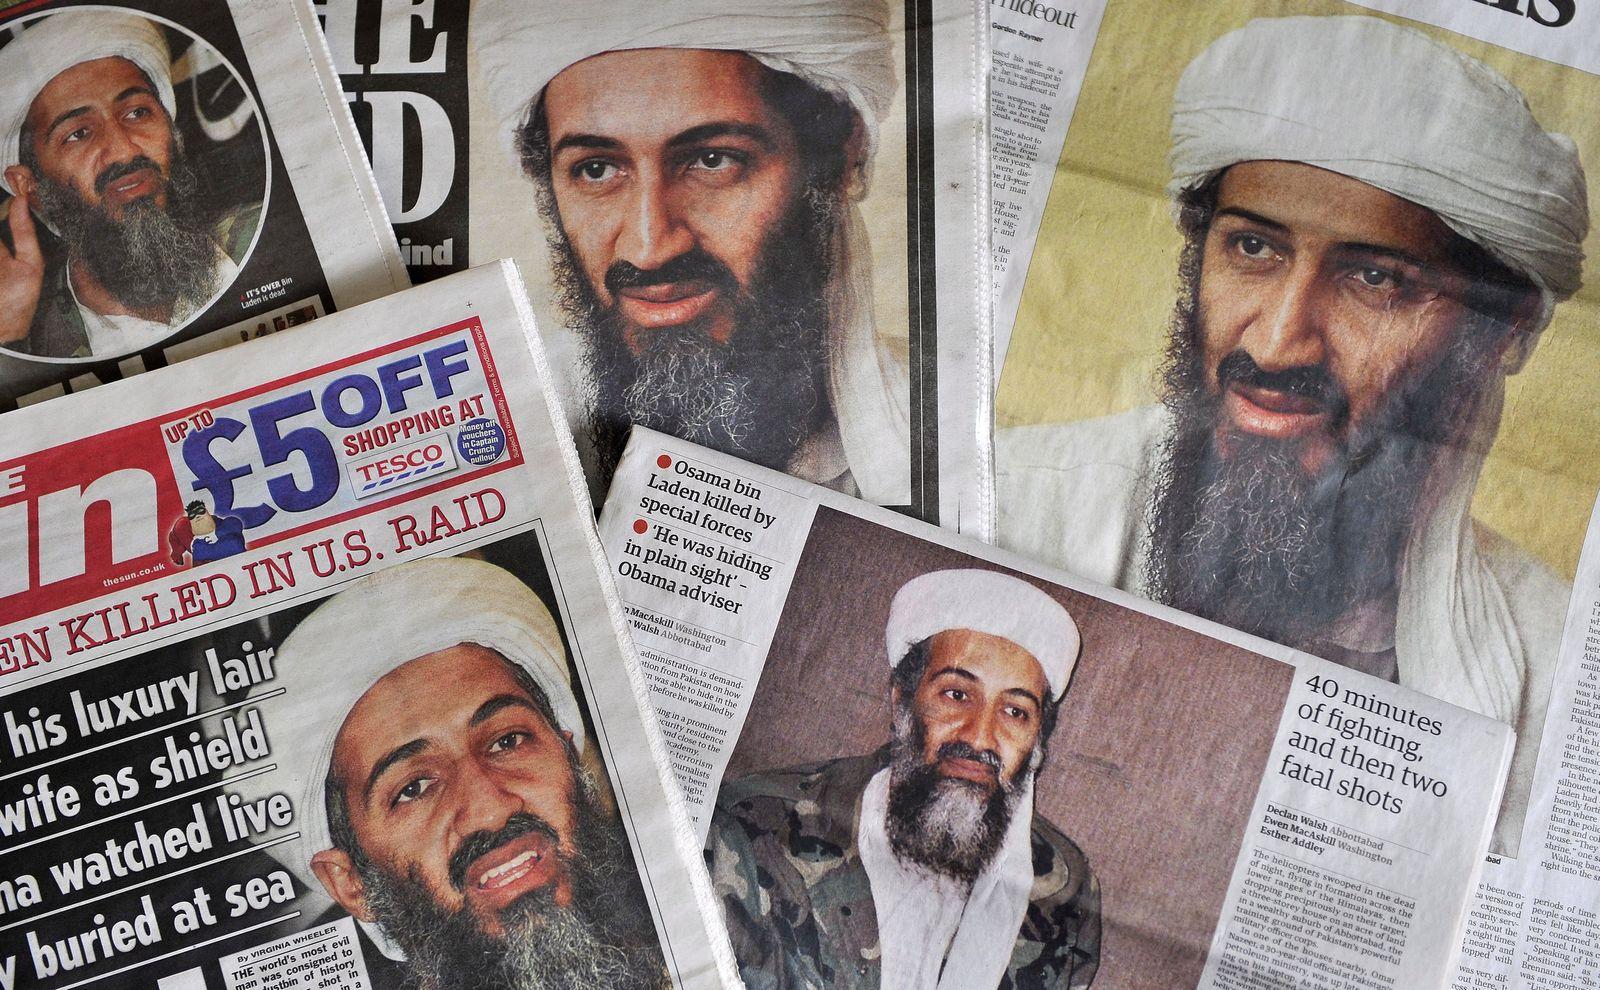 Rest in Pieces / Bin Laden